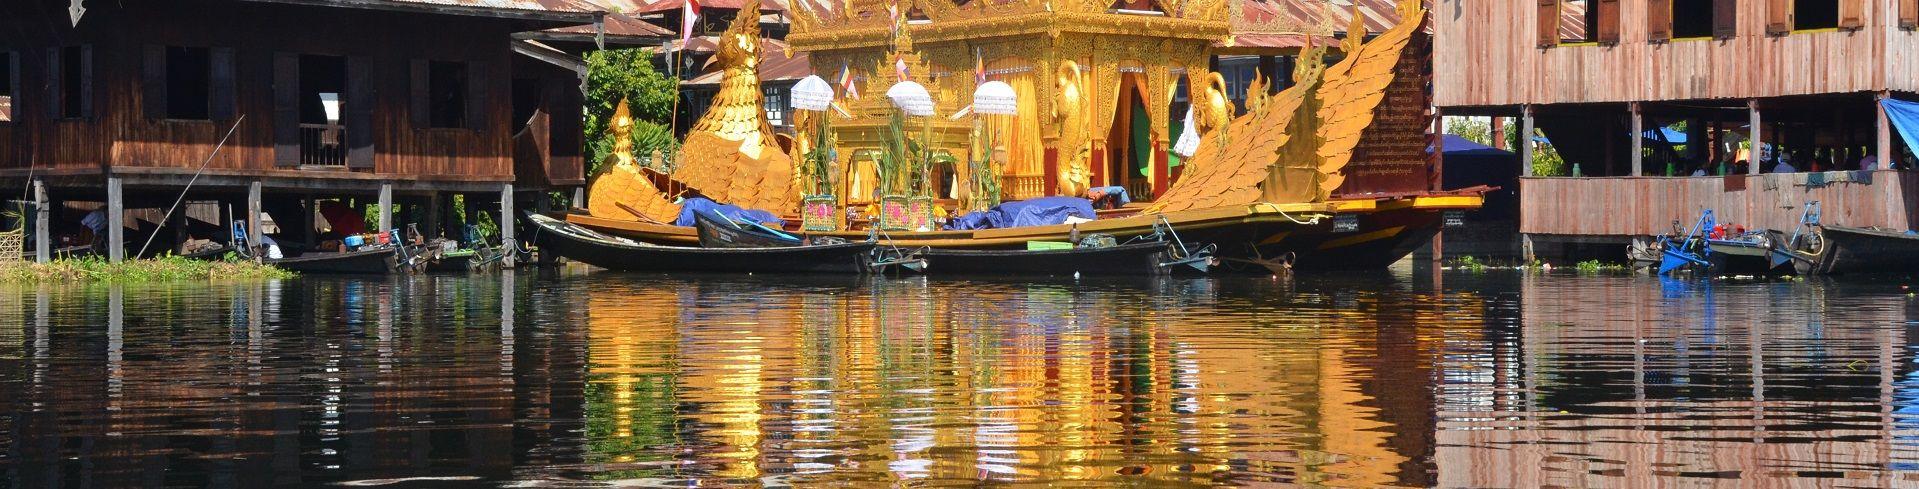 טיול לבורמה בפסטיבל אגם אינלה